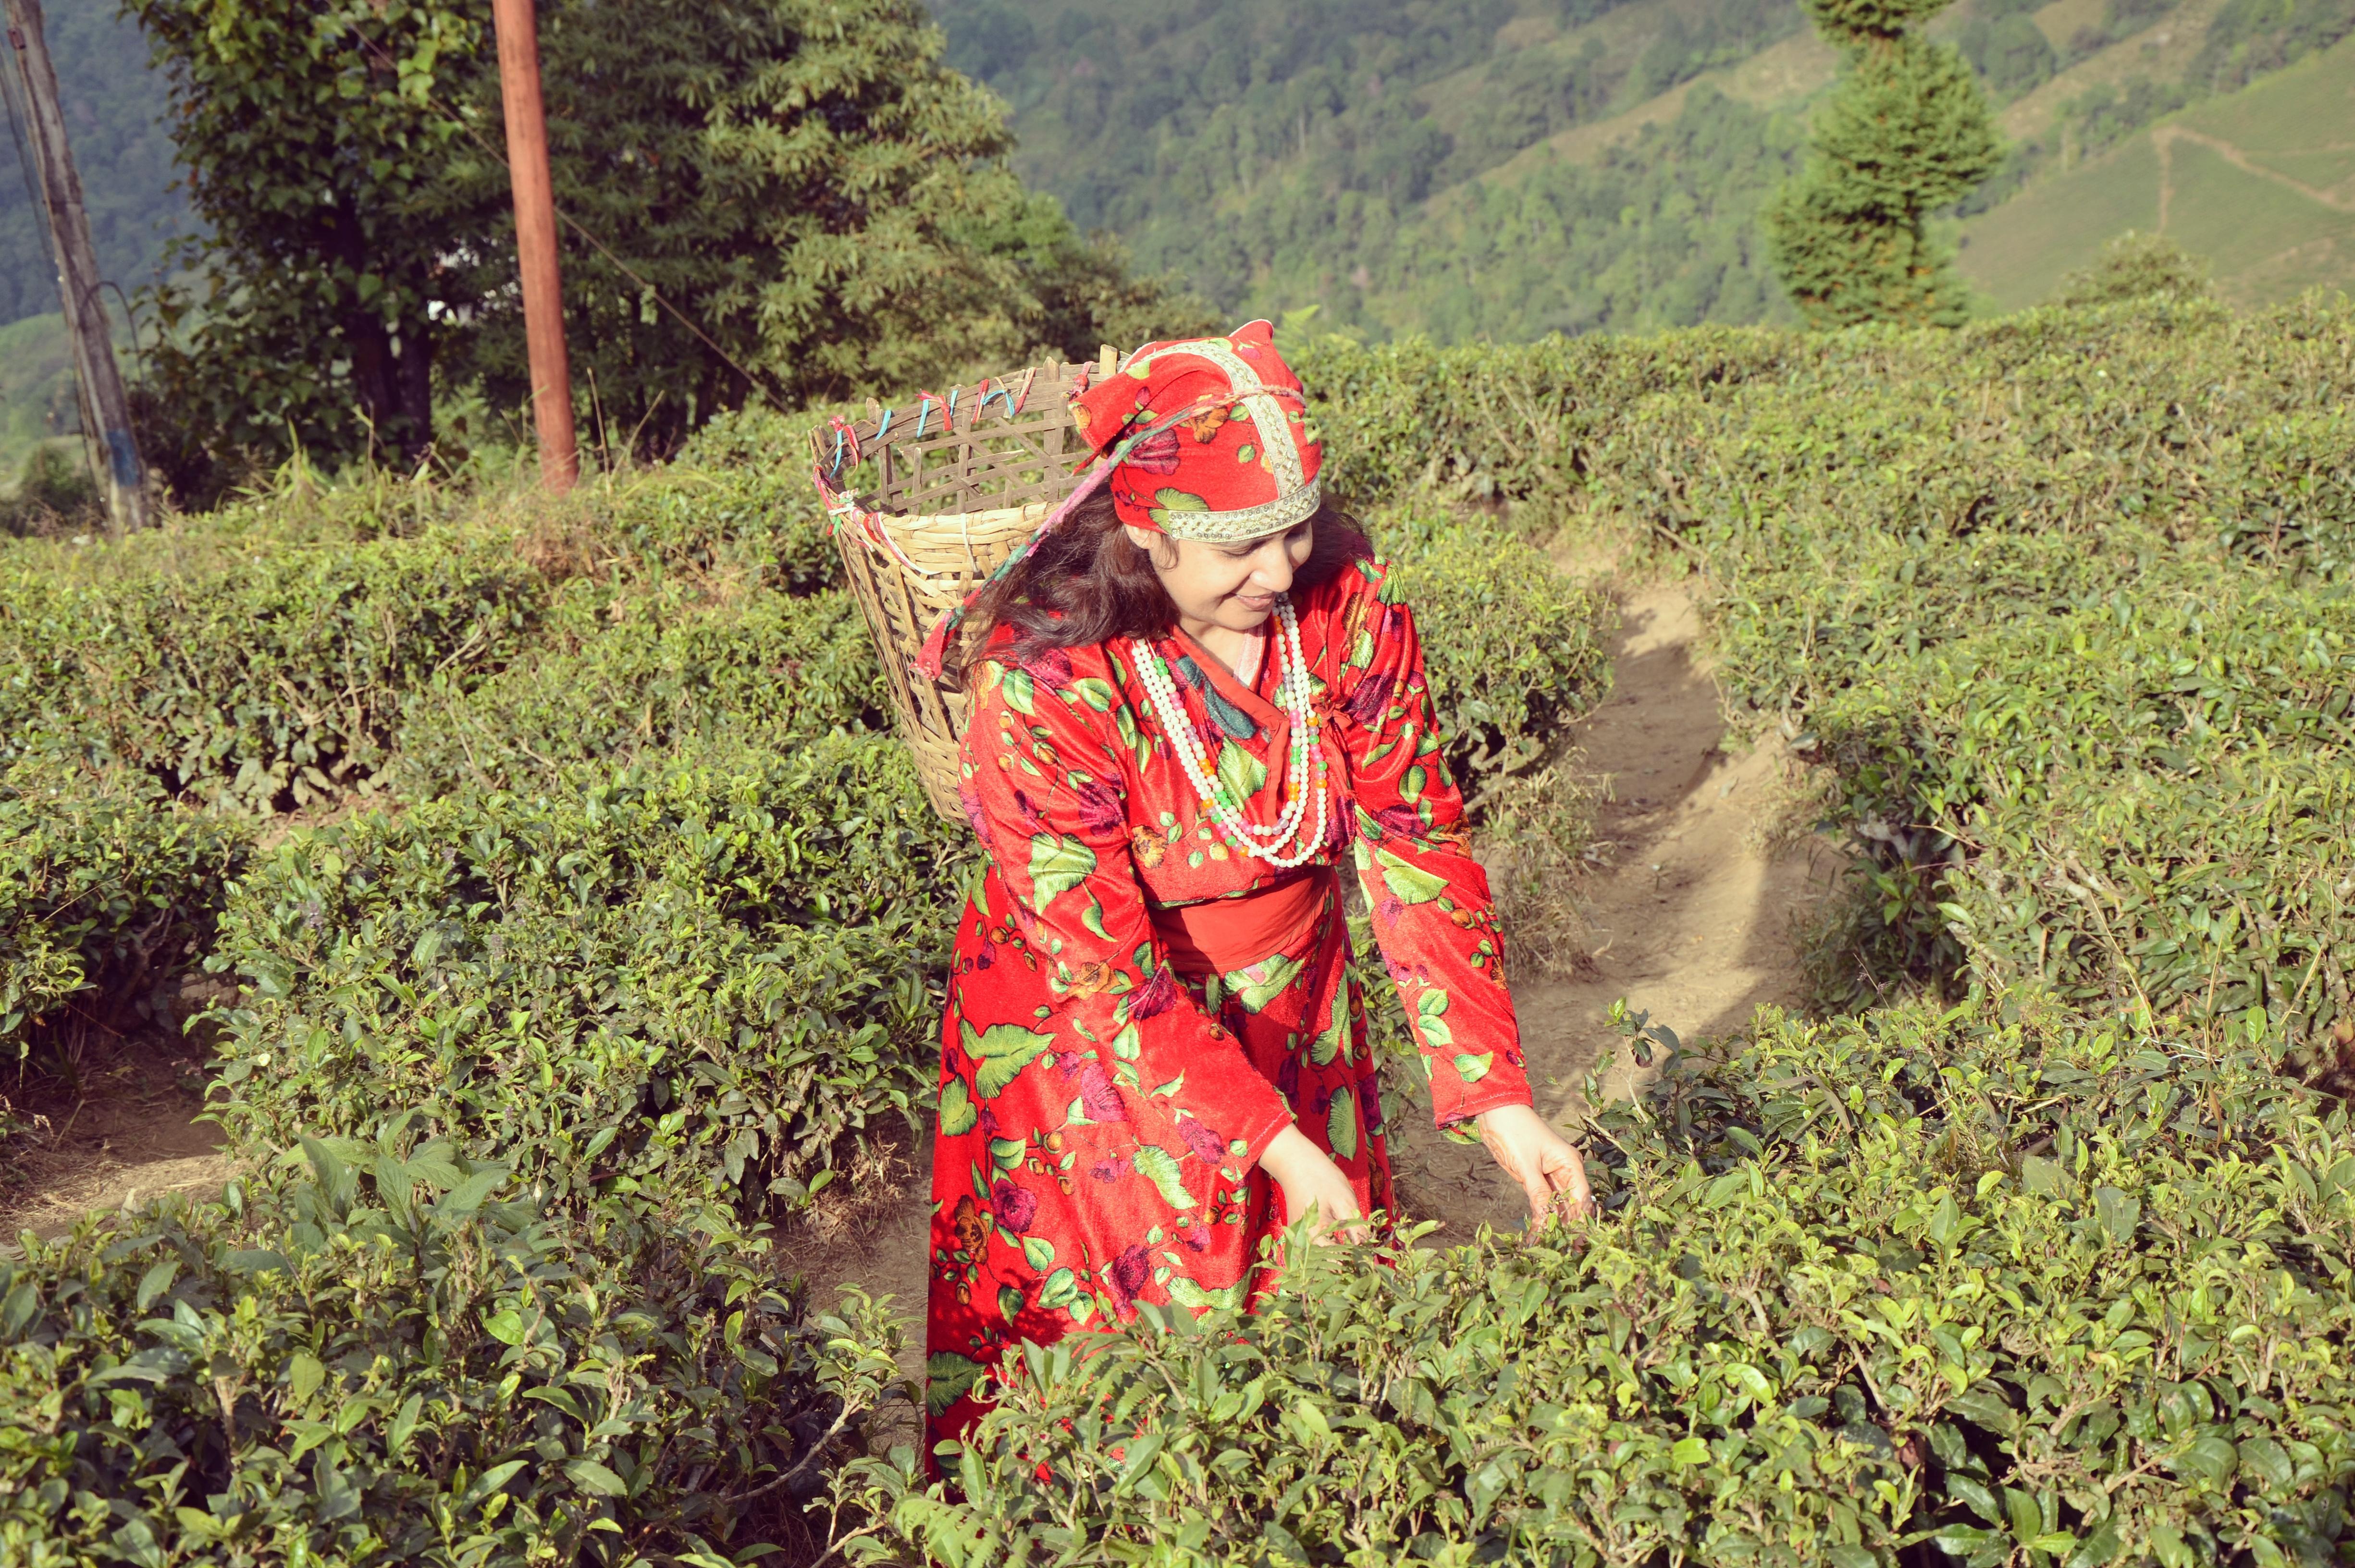 temi-tea-garden-sikkim-guide